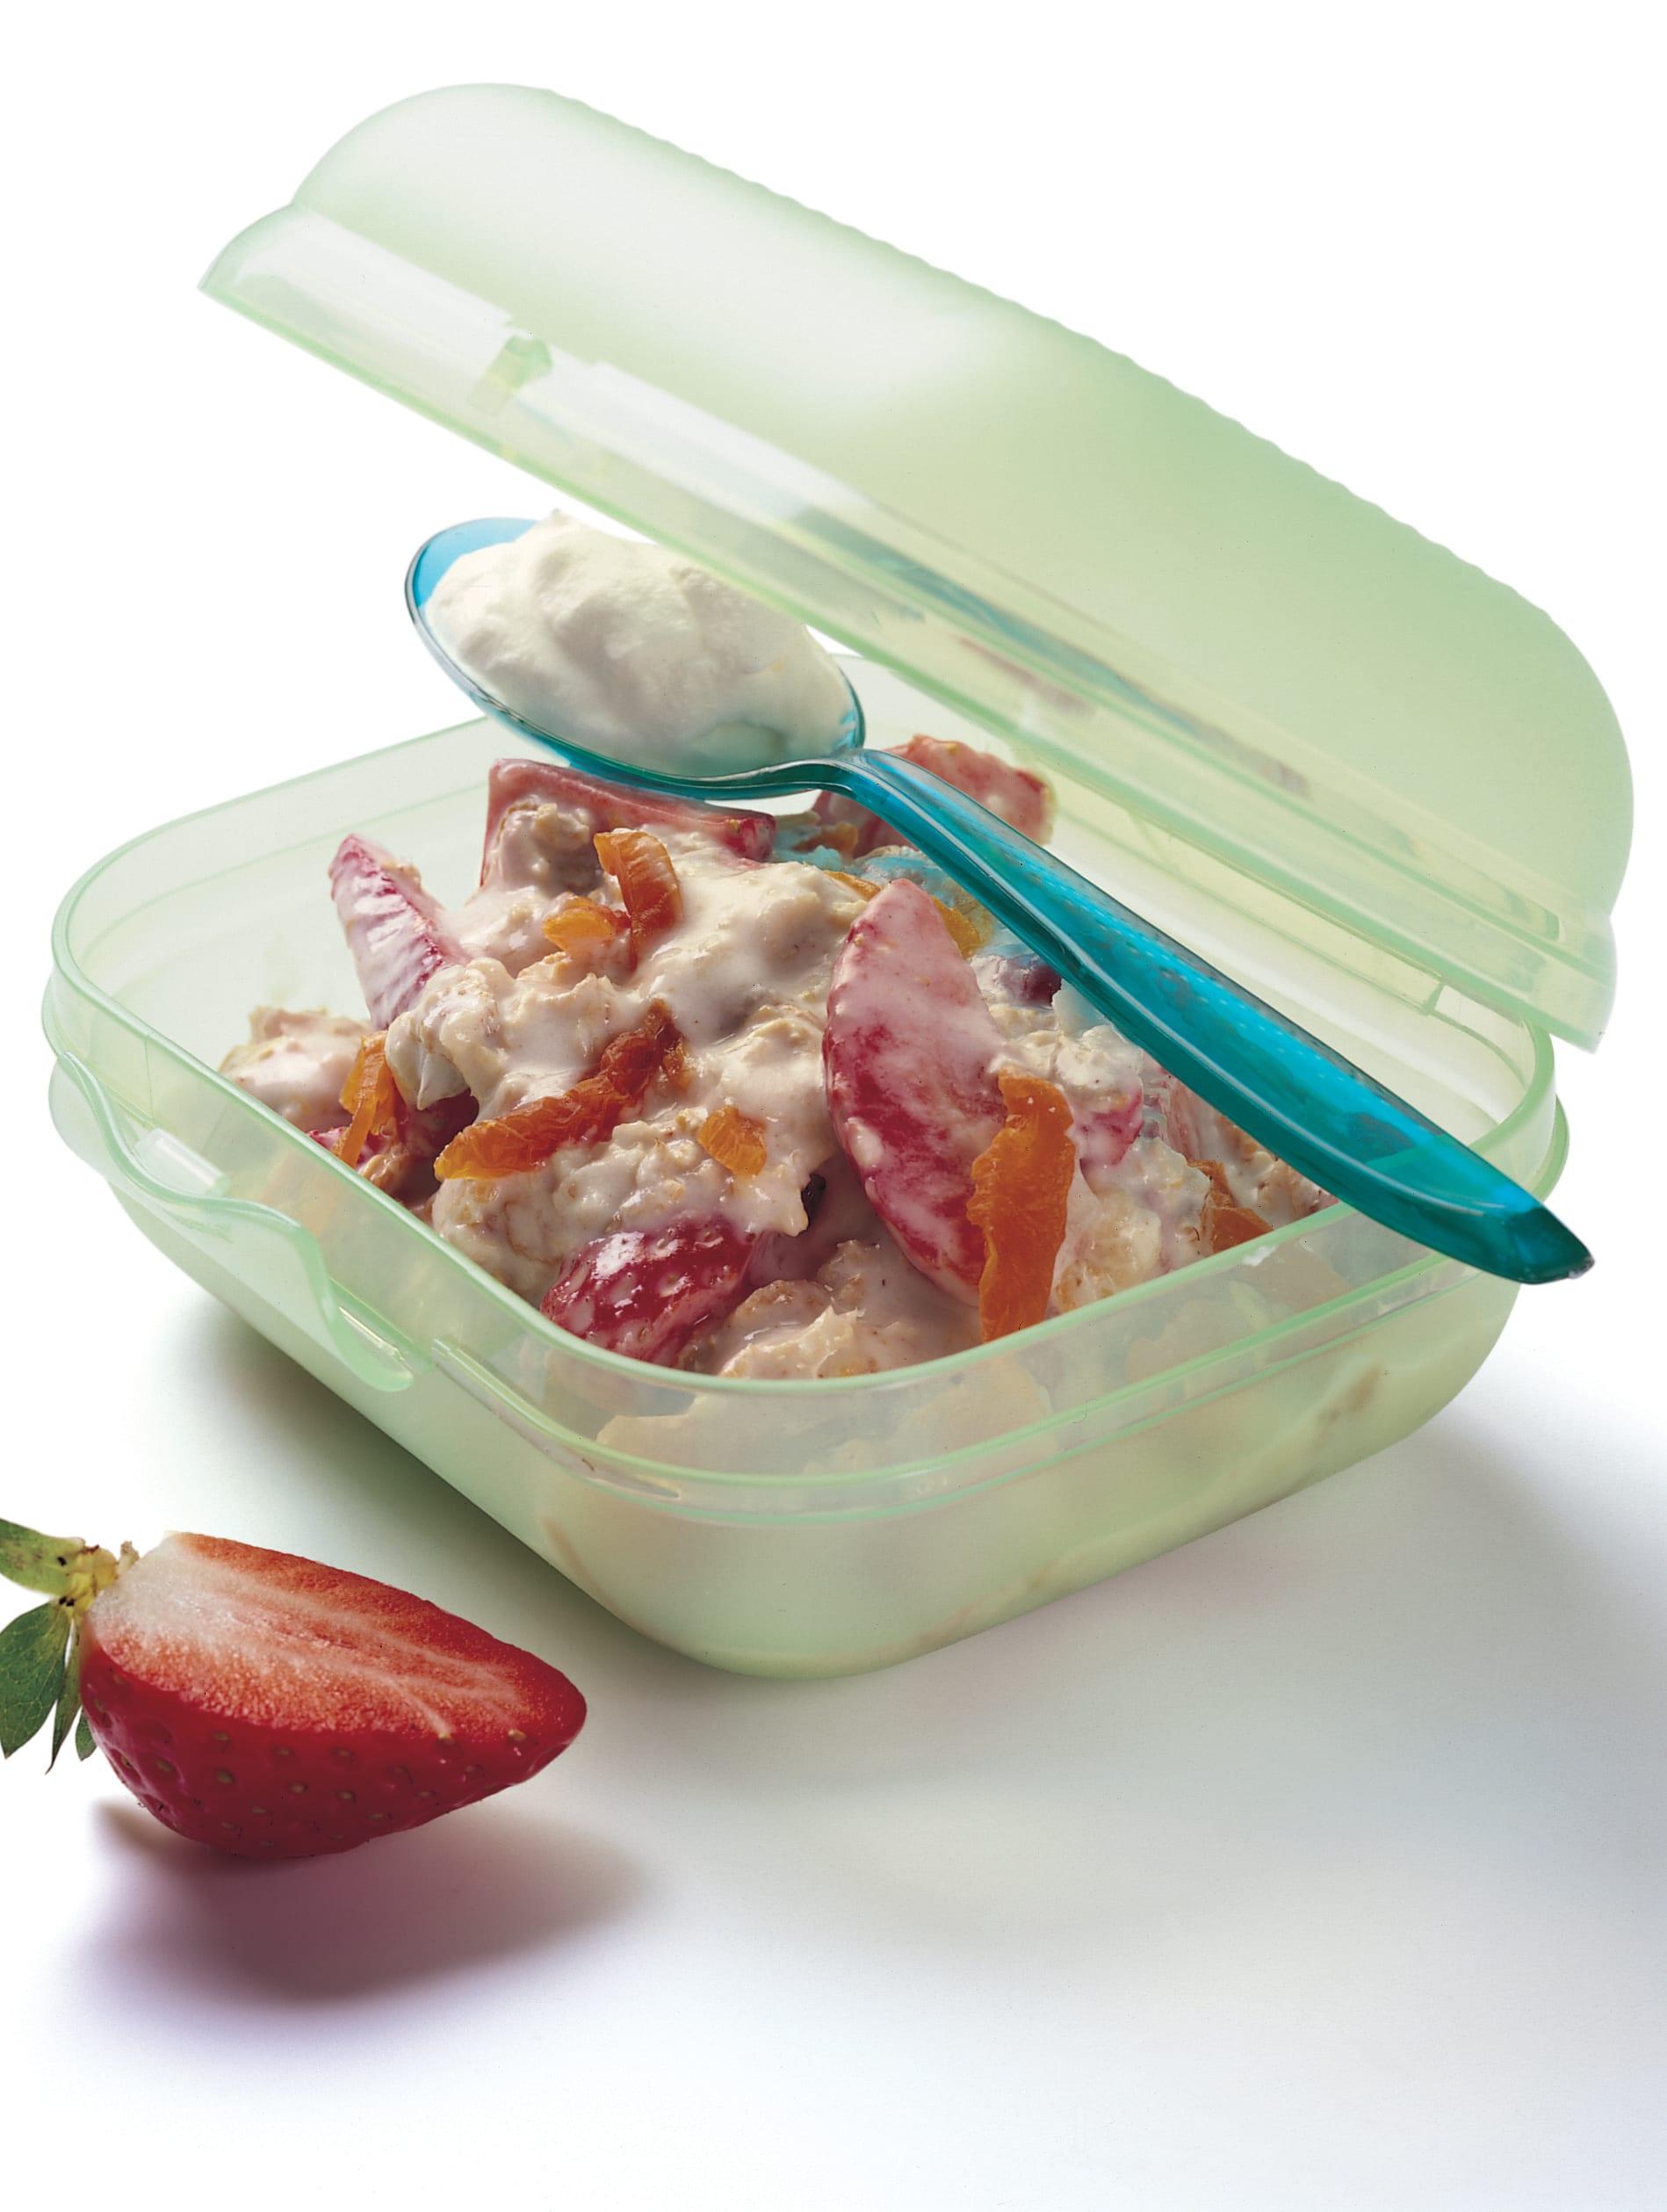 Erdbeer-Müesli mit Buttermilch